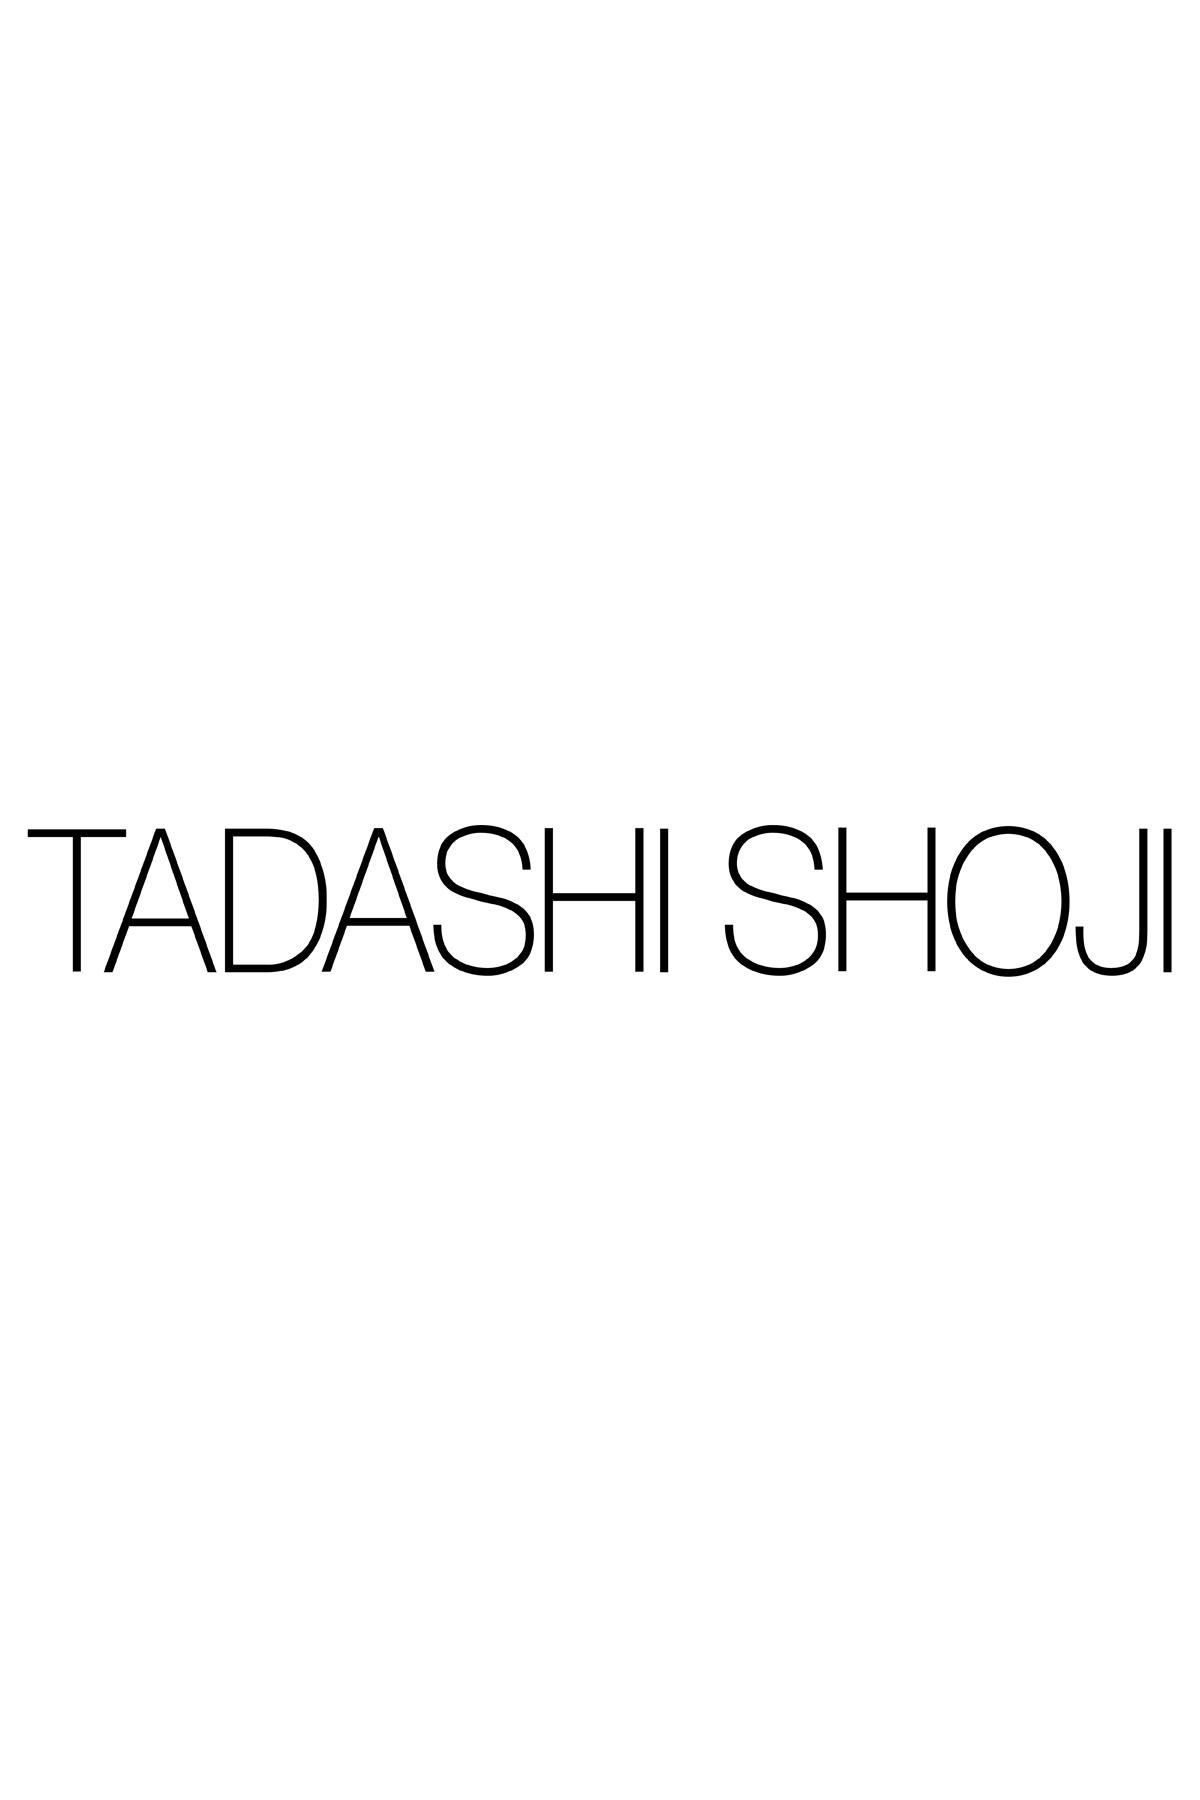 Tadshi Shoji - Blouson Waist Embroidered Lace Dress